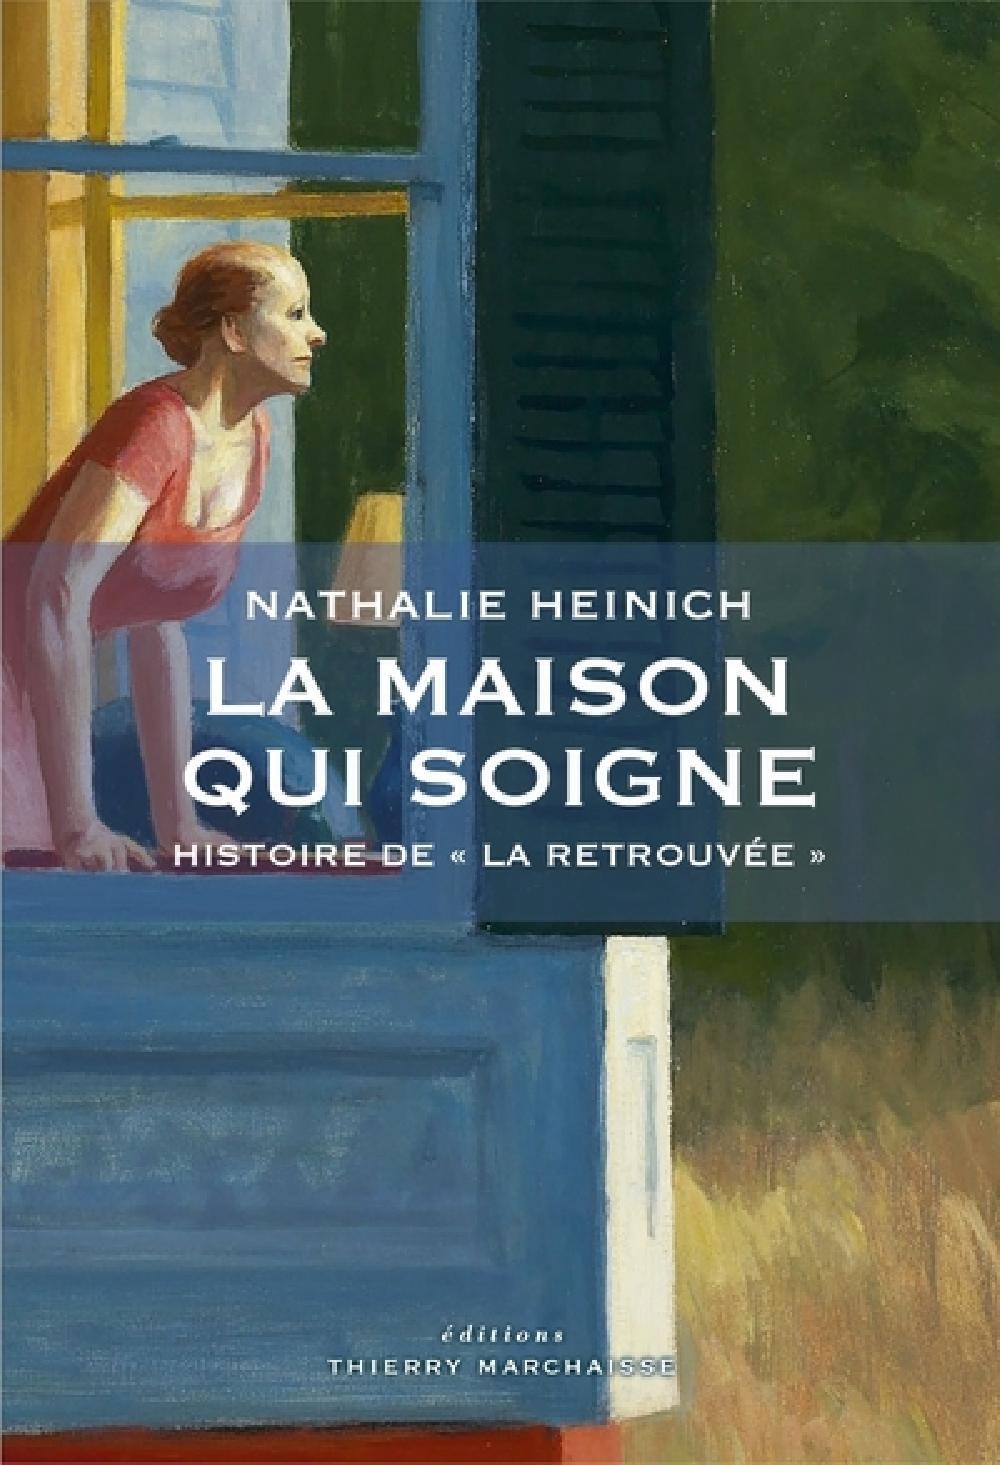 """La maison qui soigne - Histoire de """"La Retrouvée"""""""